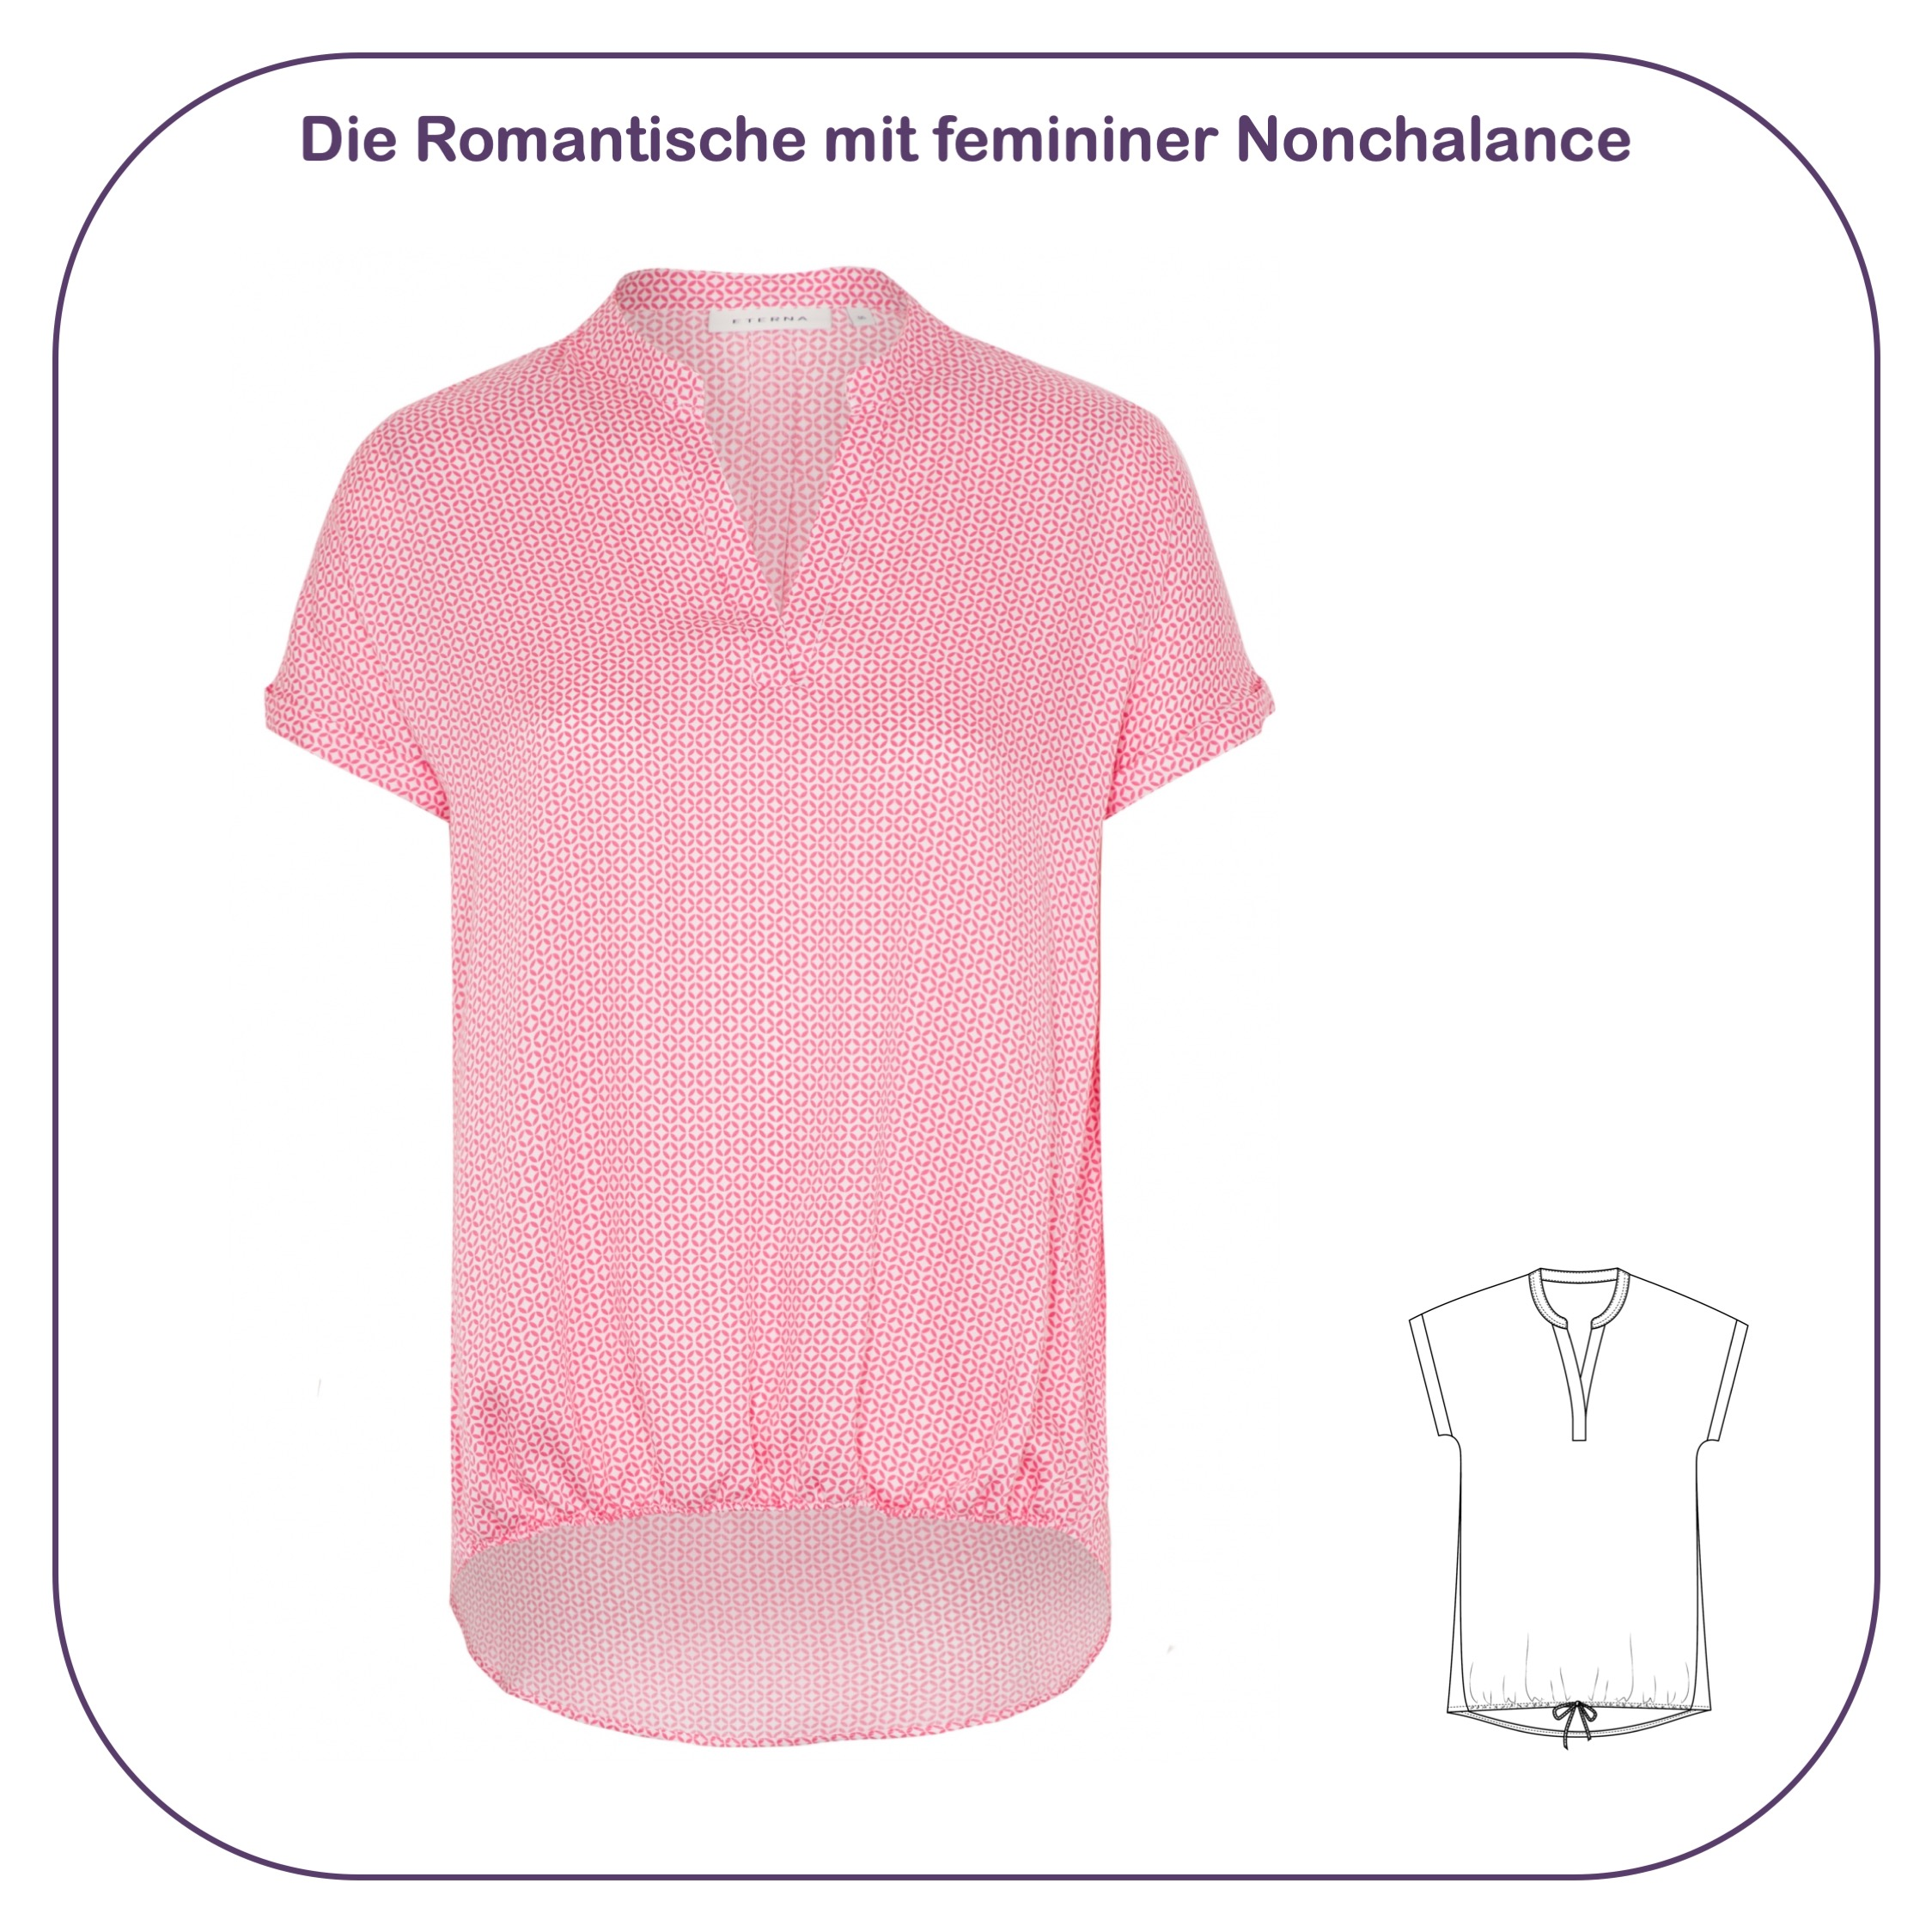 Romantische Bluse mit Punktemuster im sportlich-femininen Stil